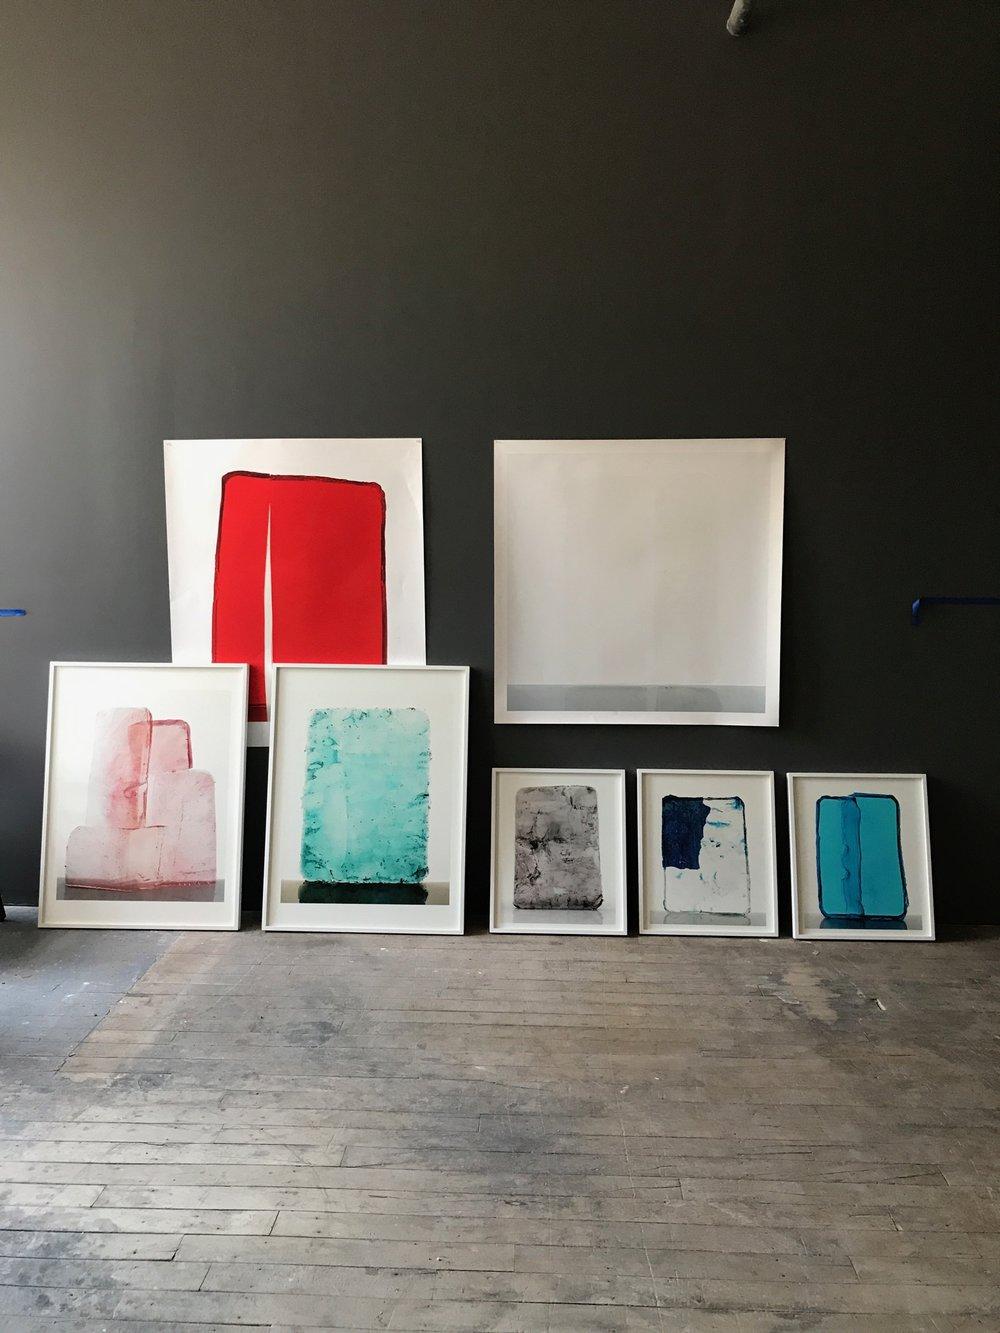 meredith heuer's studio